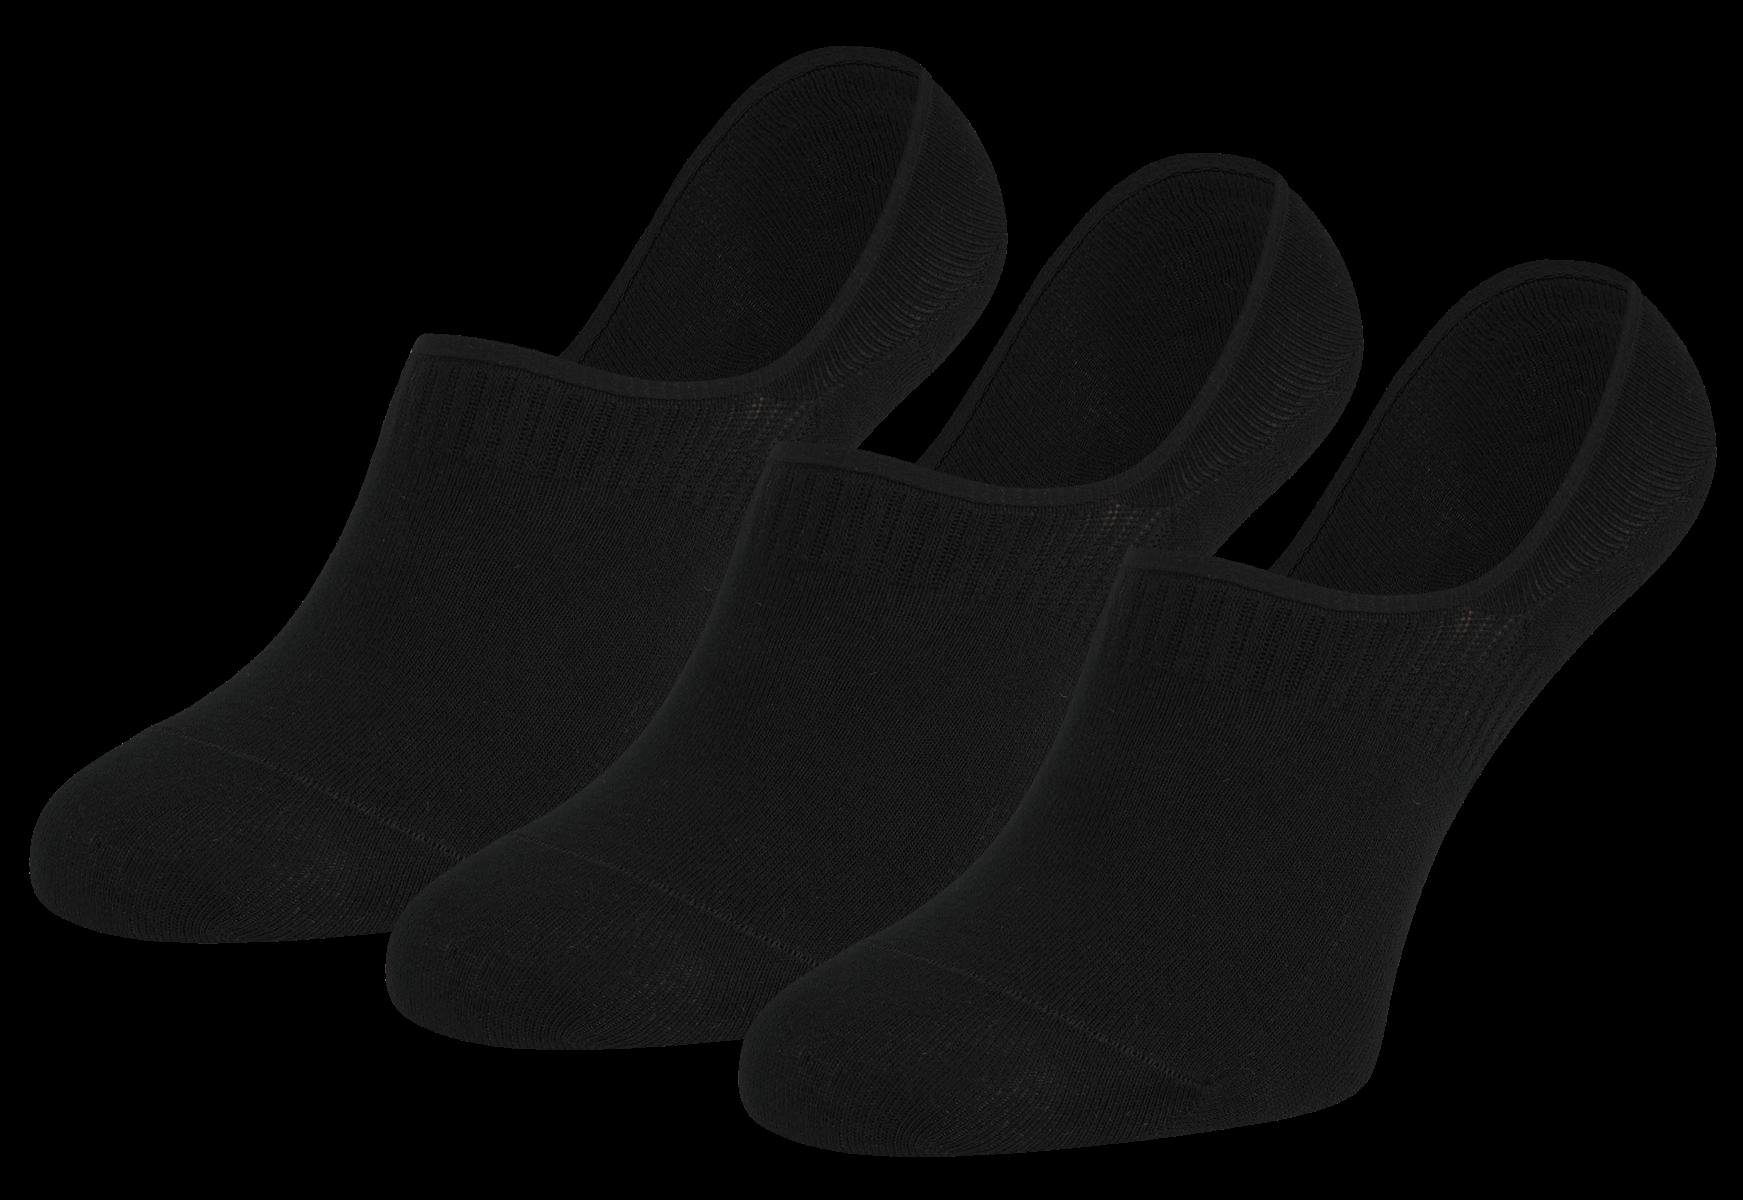 Kousenvoetje invisible 3-pack-Black-40/46